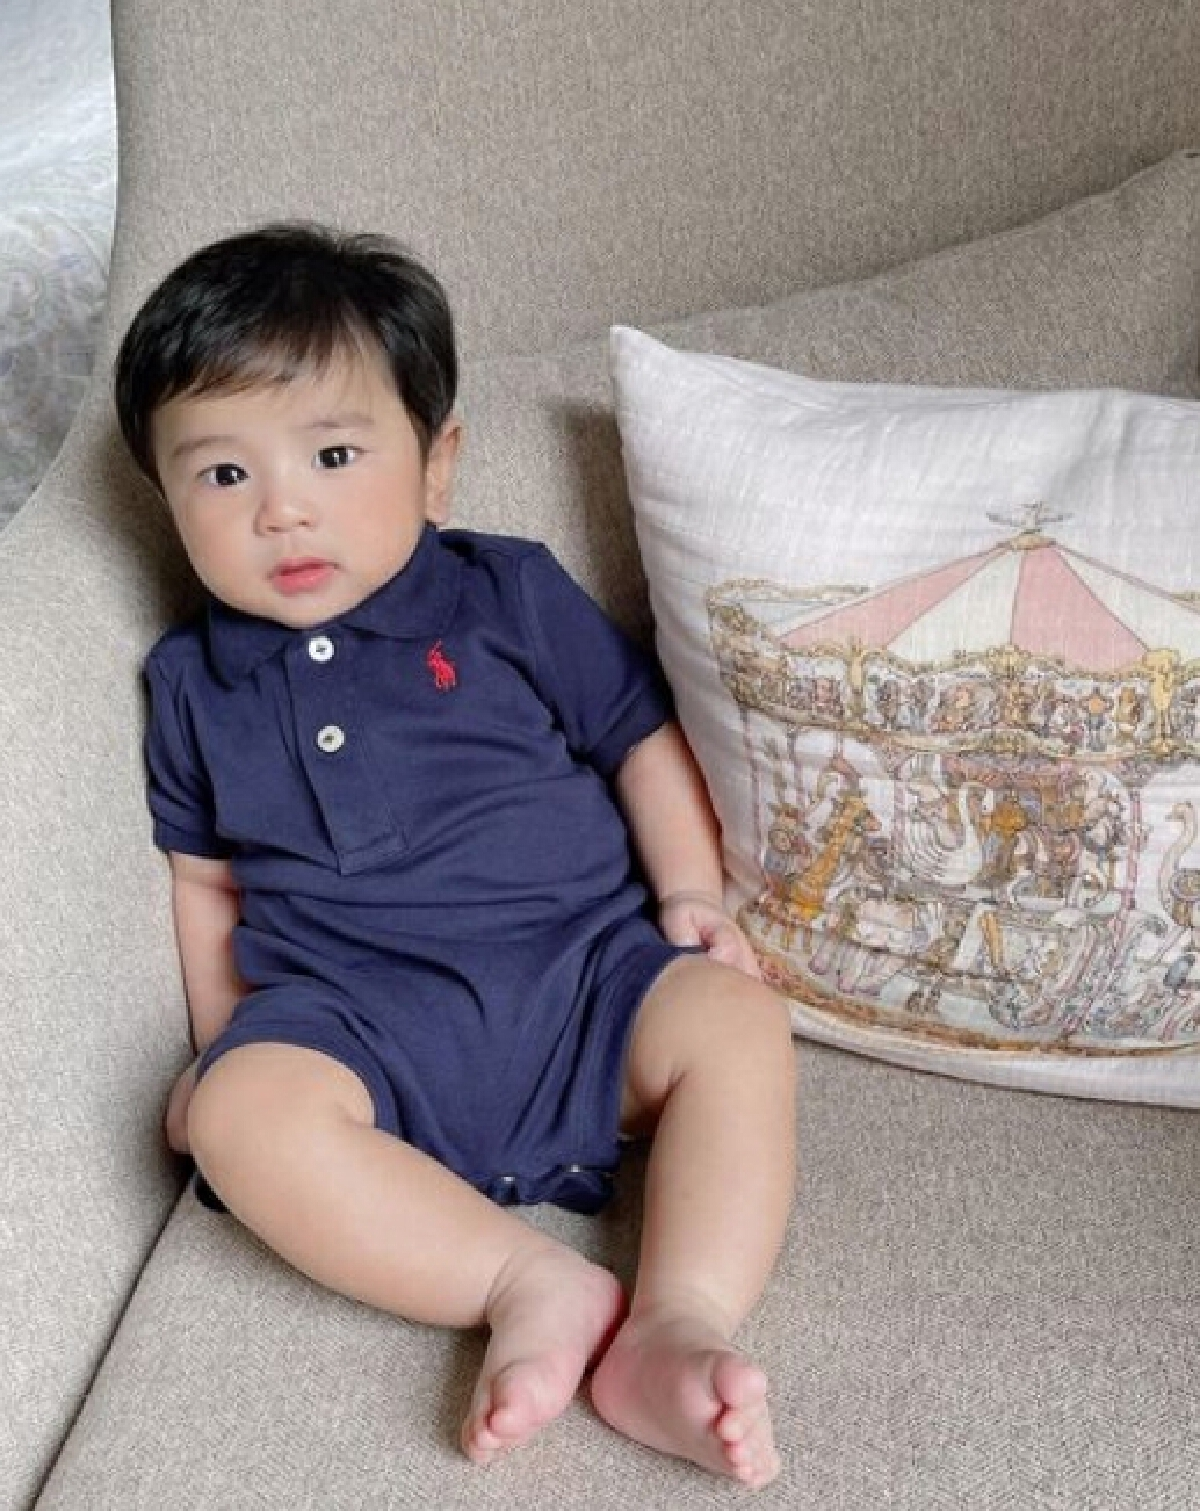 """ขนมจีน กุลมาศ  อวดโฉมลูกชาย """"น้องไคเดน"""" ฉายแววความหล่อ อายุครบ 5 เดือน"""